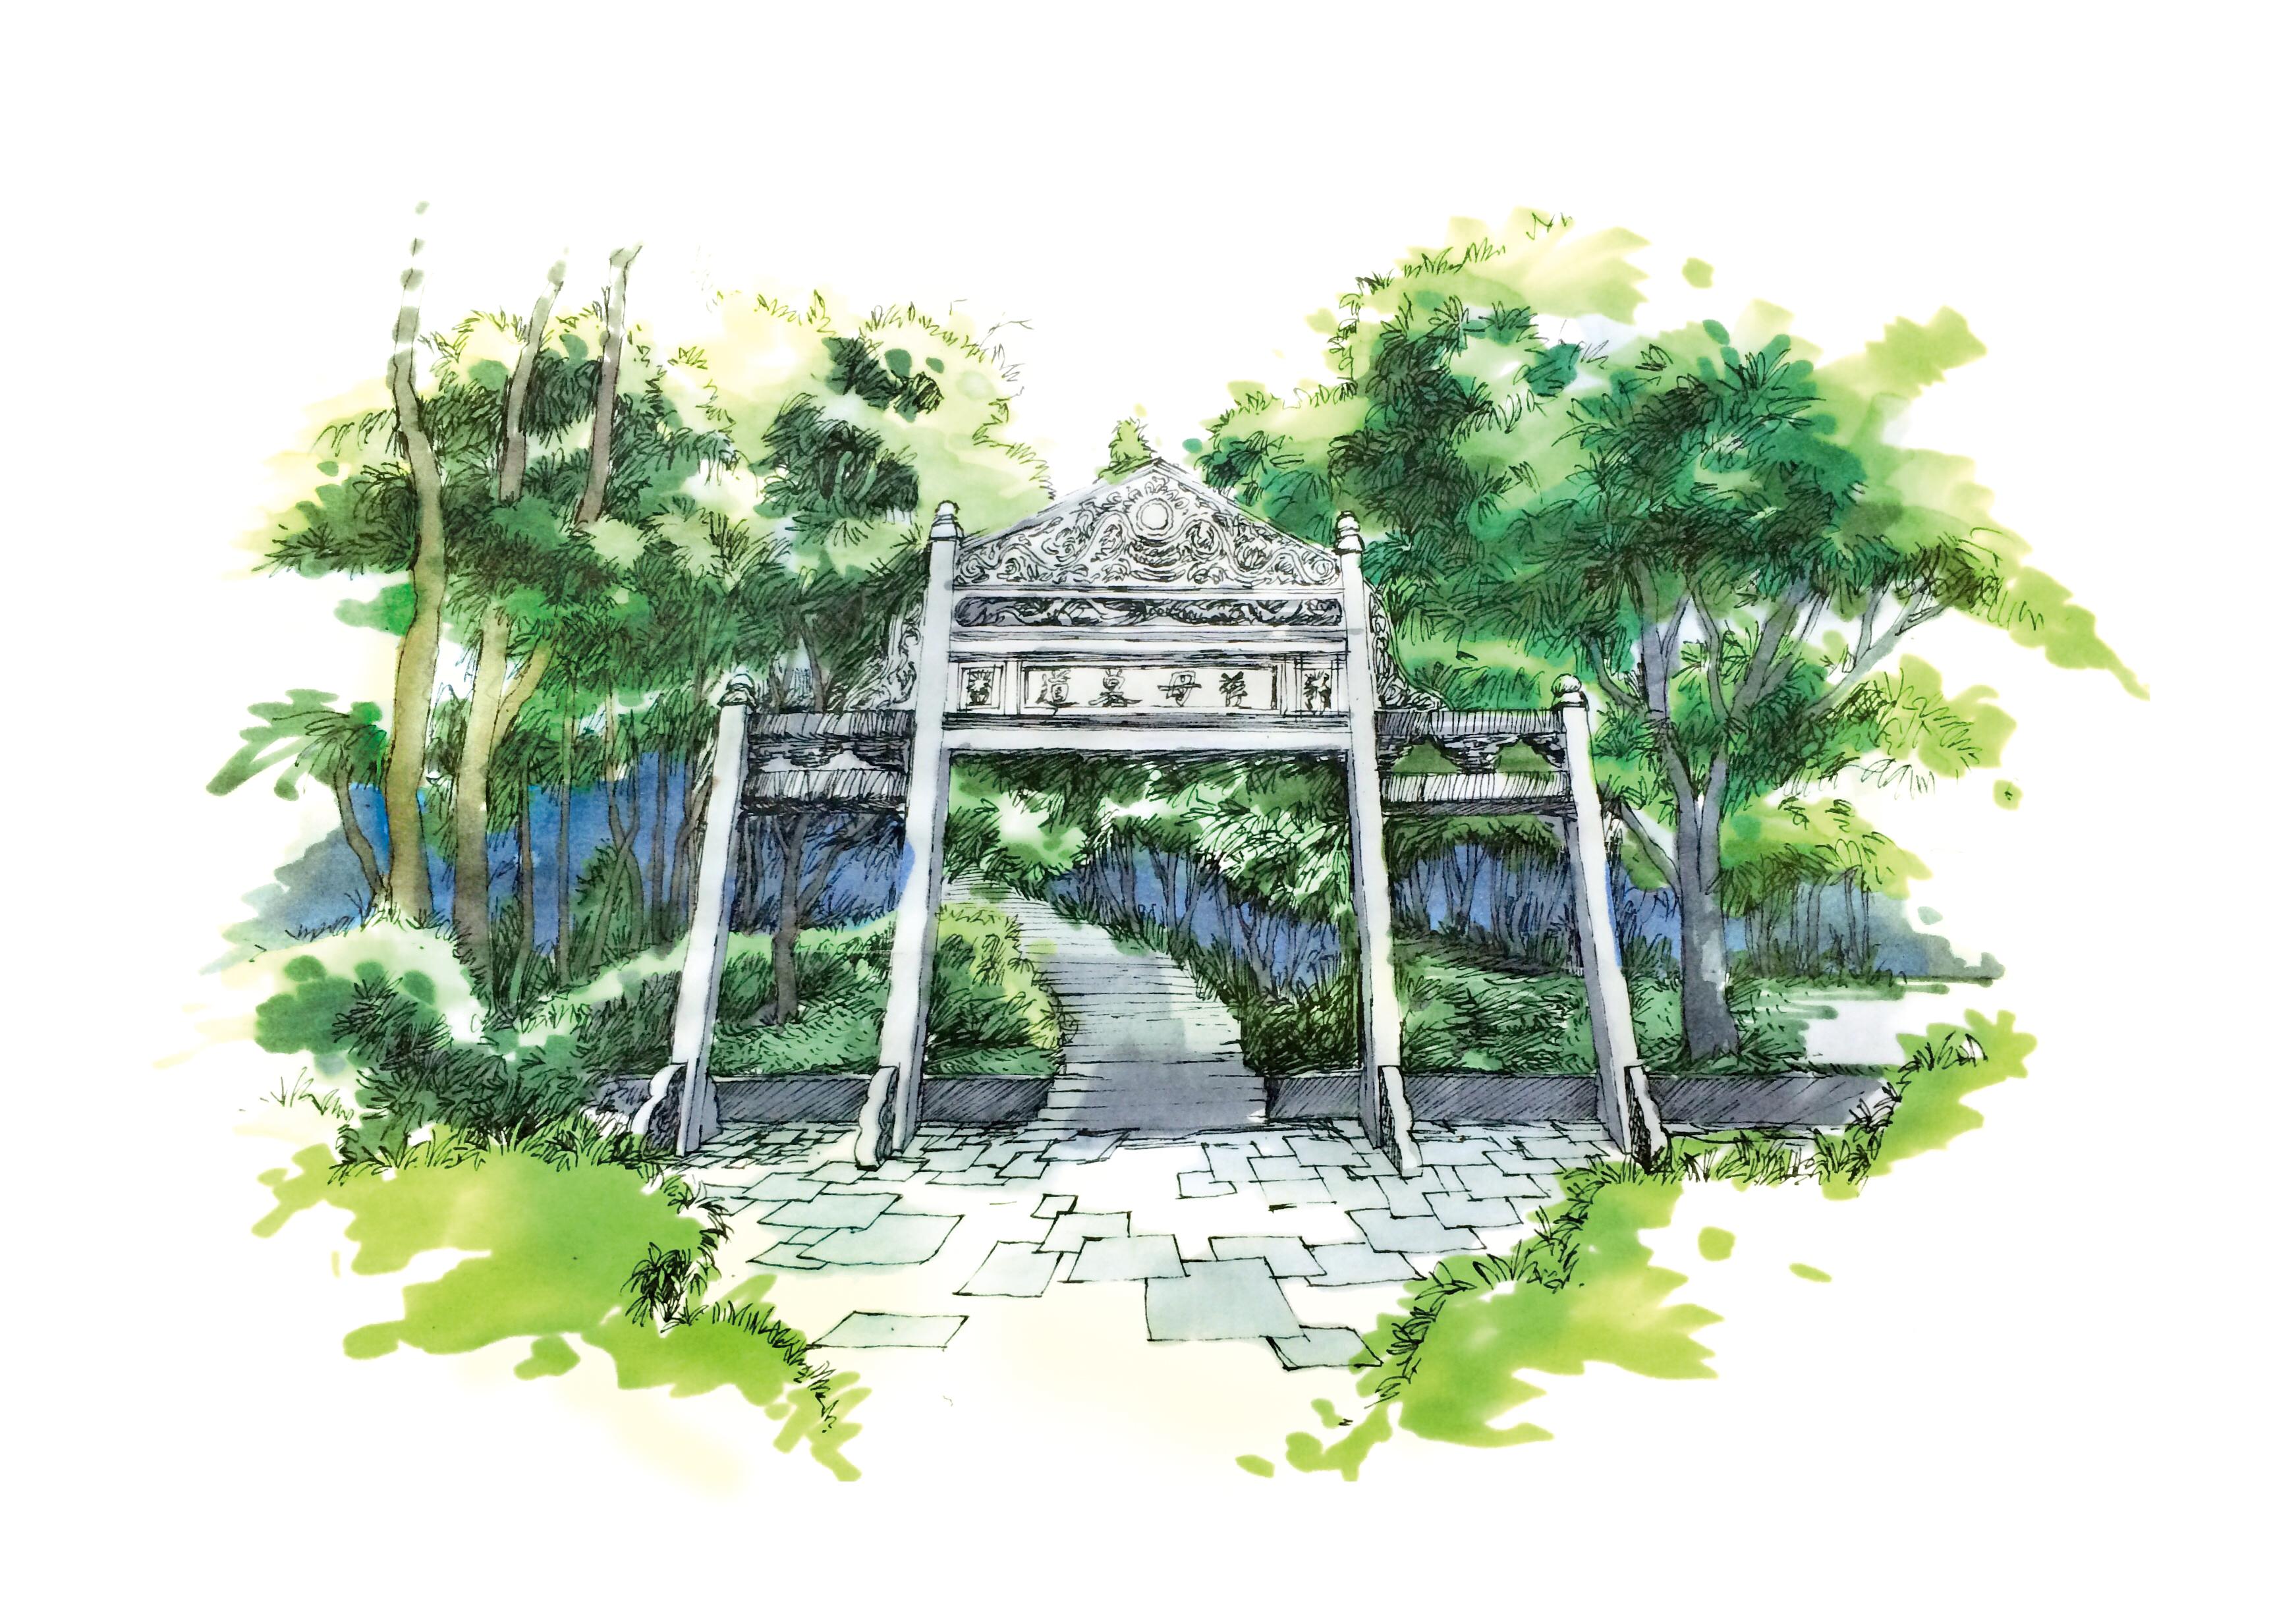 溪口风景插画-商业插画-插画-设计作品-中国设计之窗